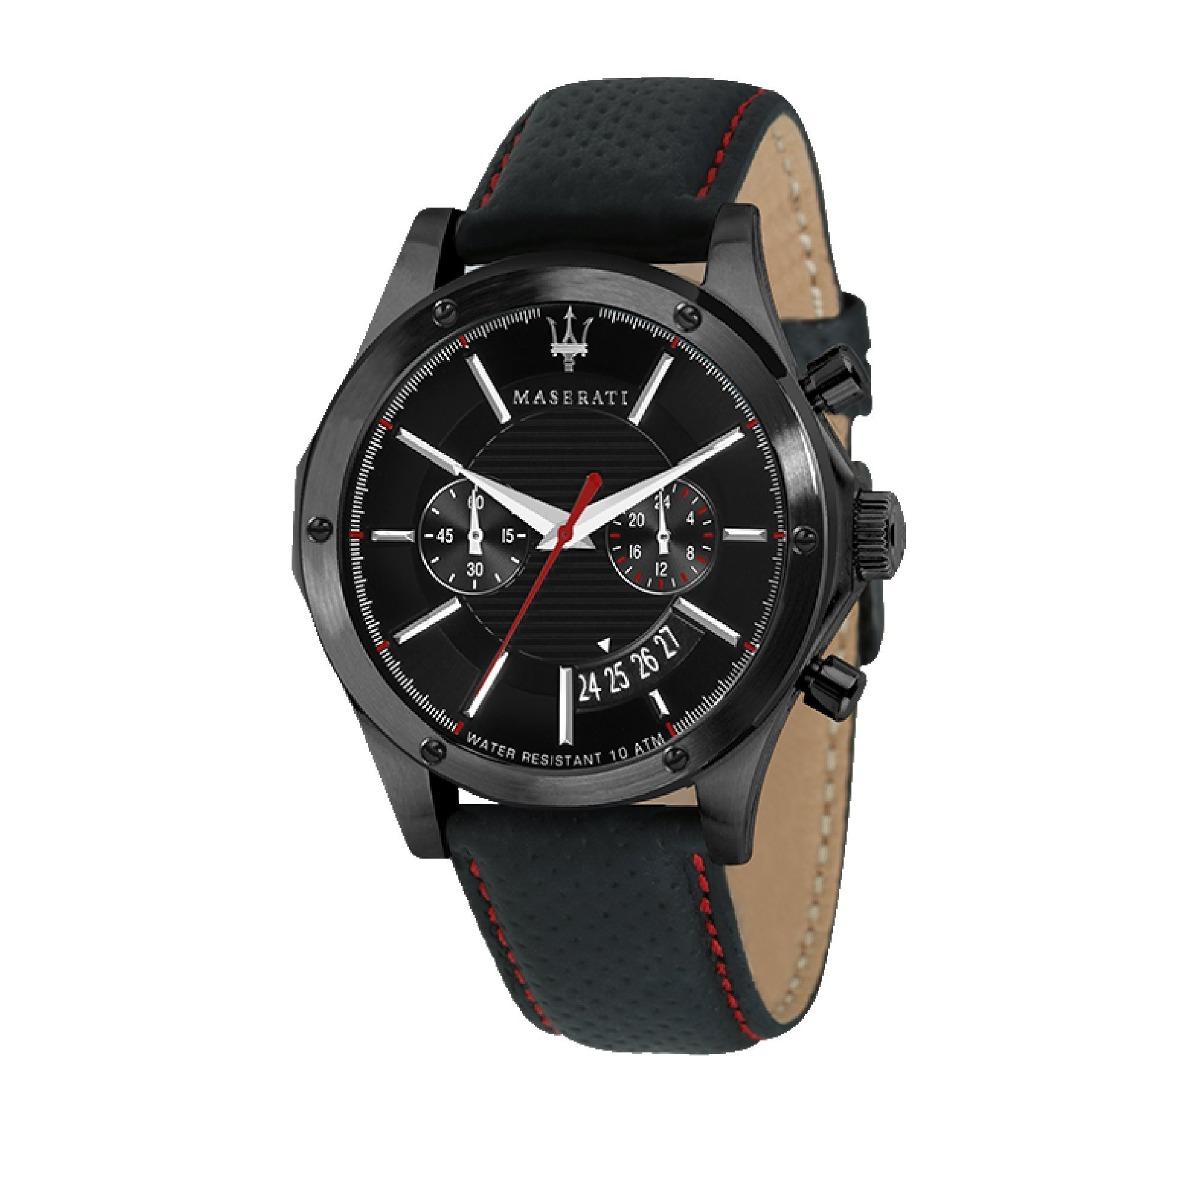 relojes de pulsera,reloj maserati circuito 44 mm cron?gr